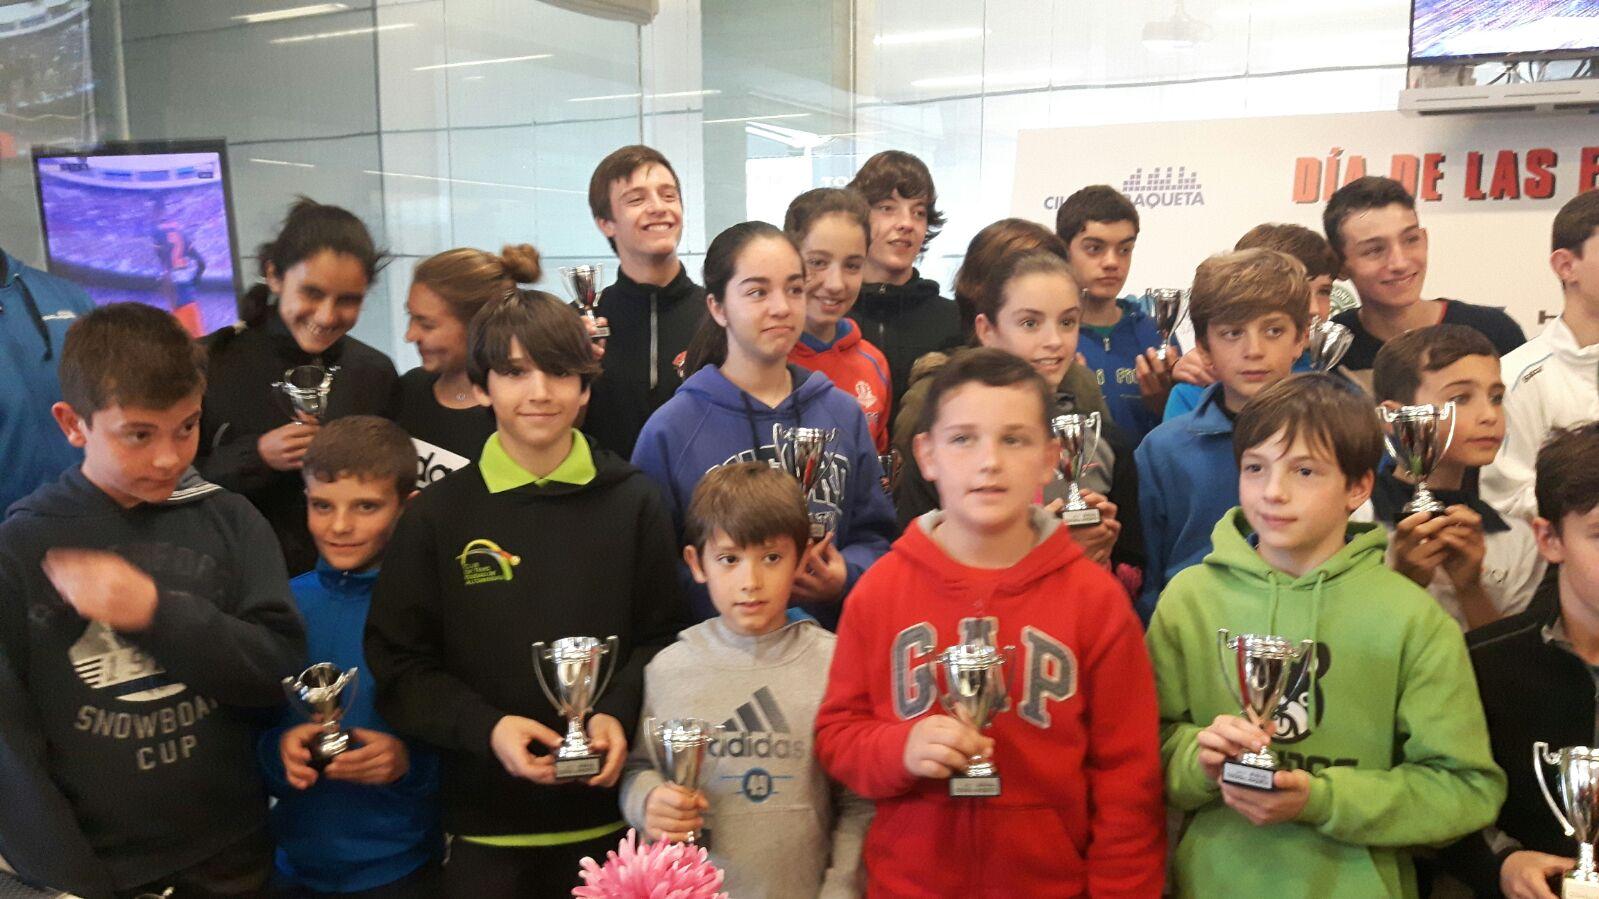 Hugo Sanz Campeón Ciudad Raqueta Febrero 2017 (3)